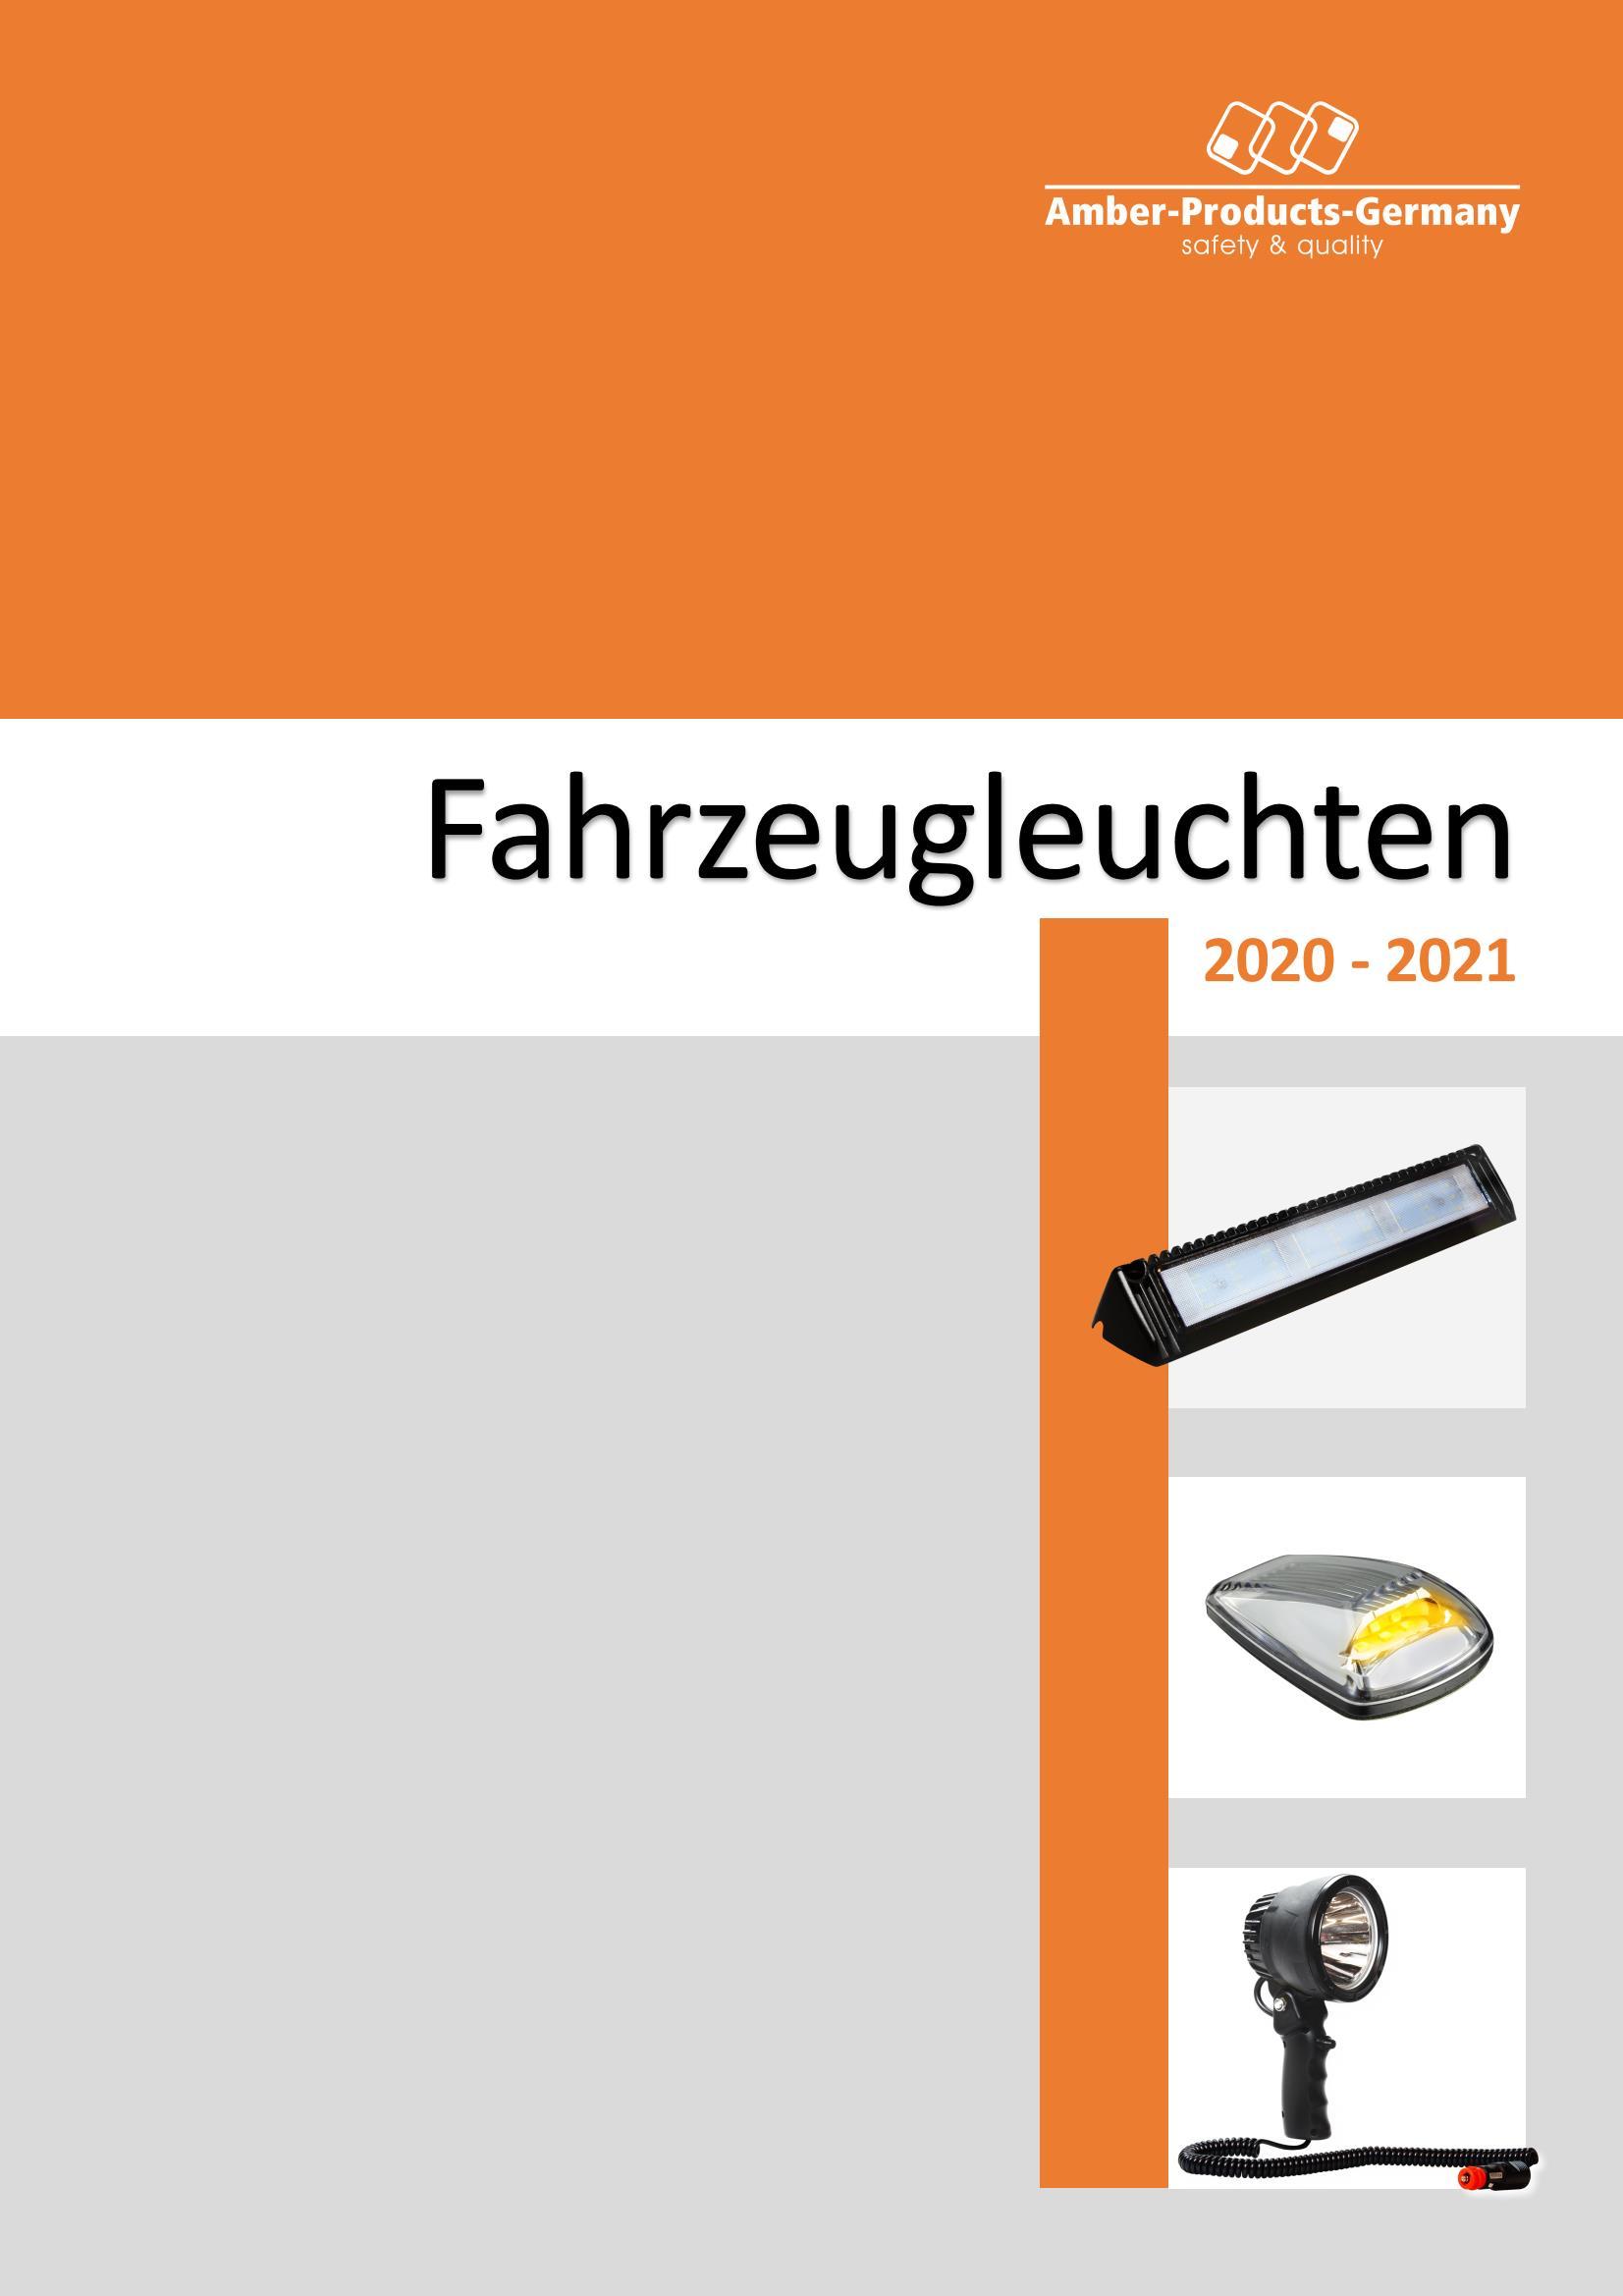 APGermany_Fahrzeugleuchten_Katalog_2020-2021